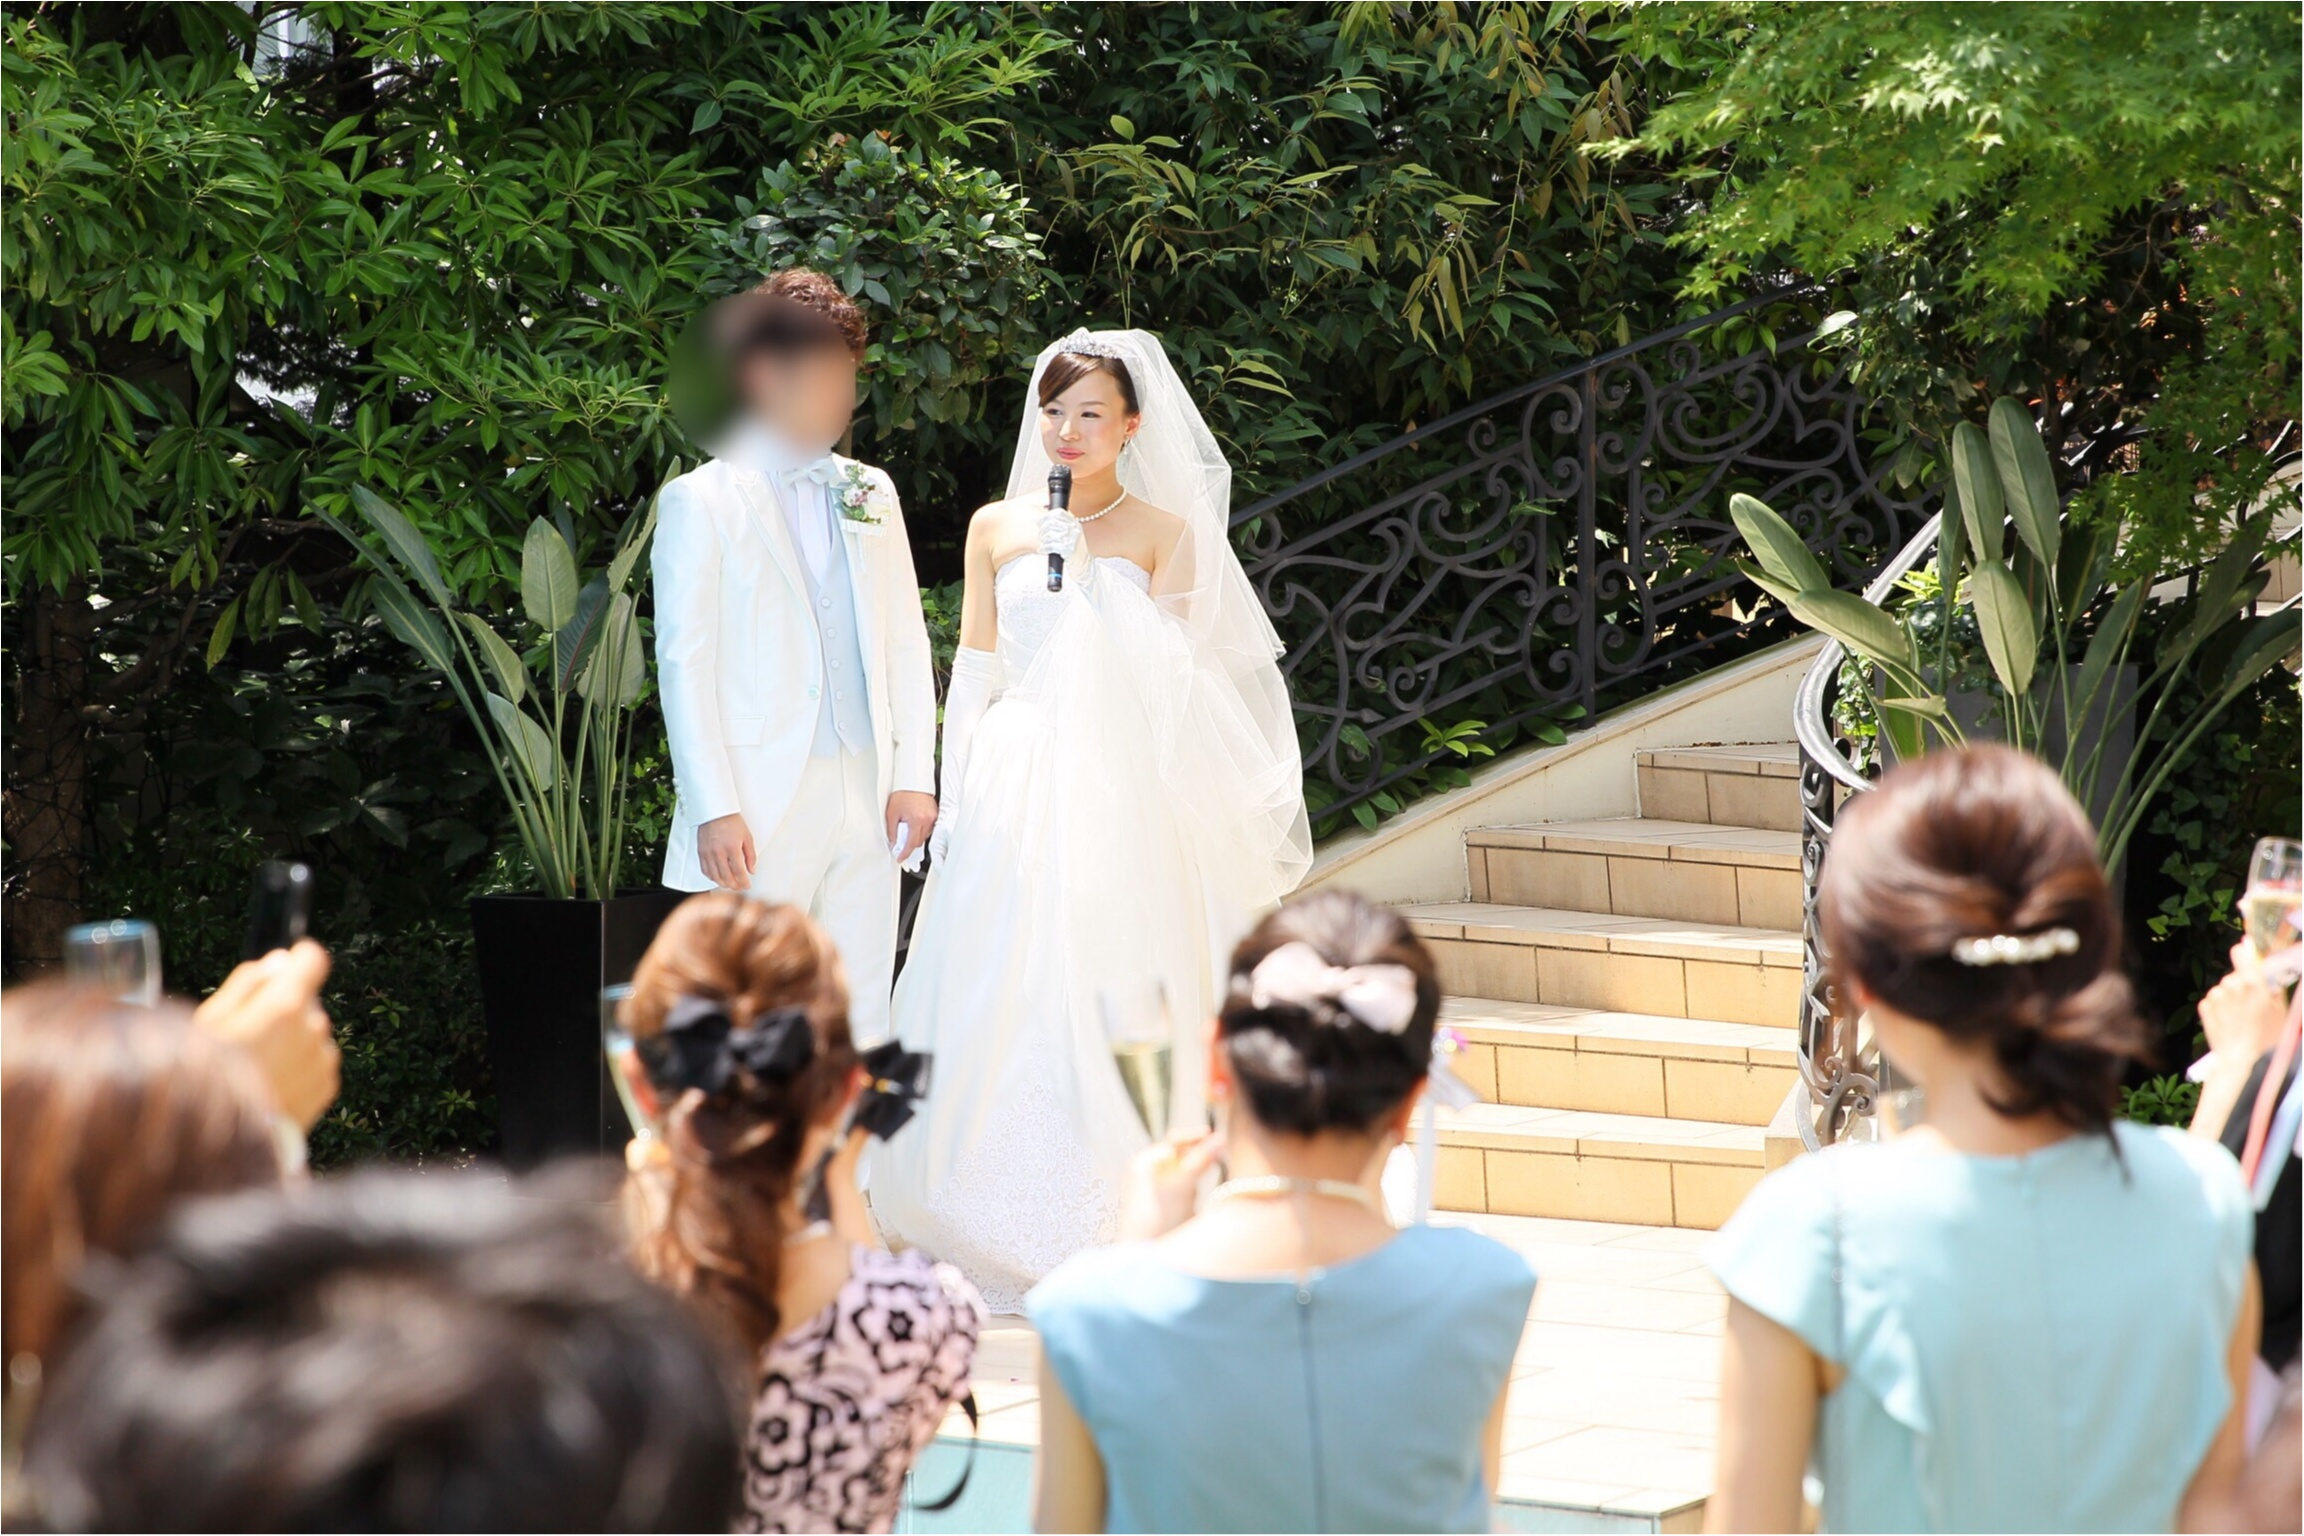 moco婚④▶︎ガーデンセレモニーはリボンワンズで華を添えて♡_6